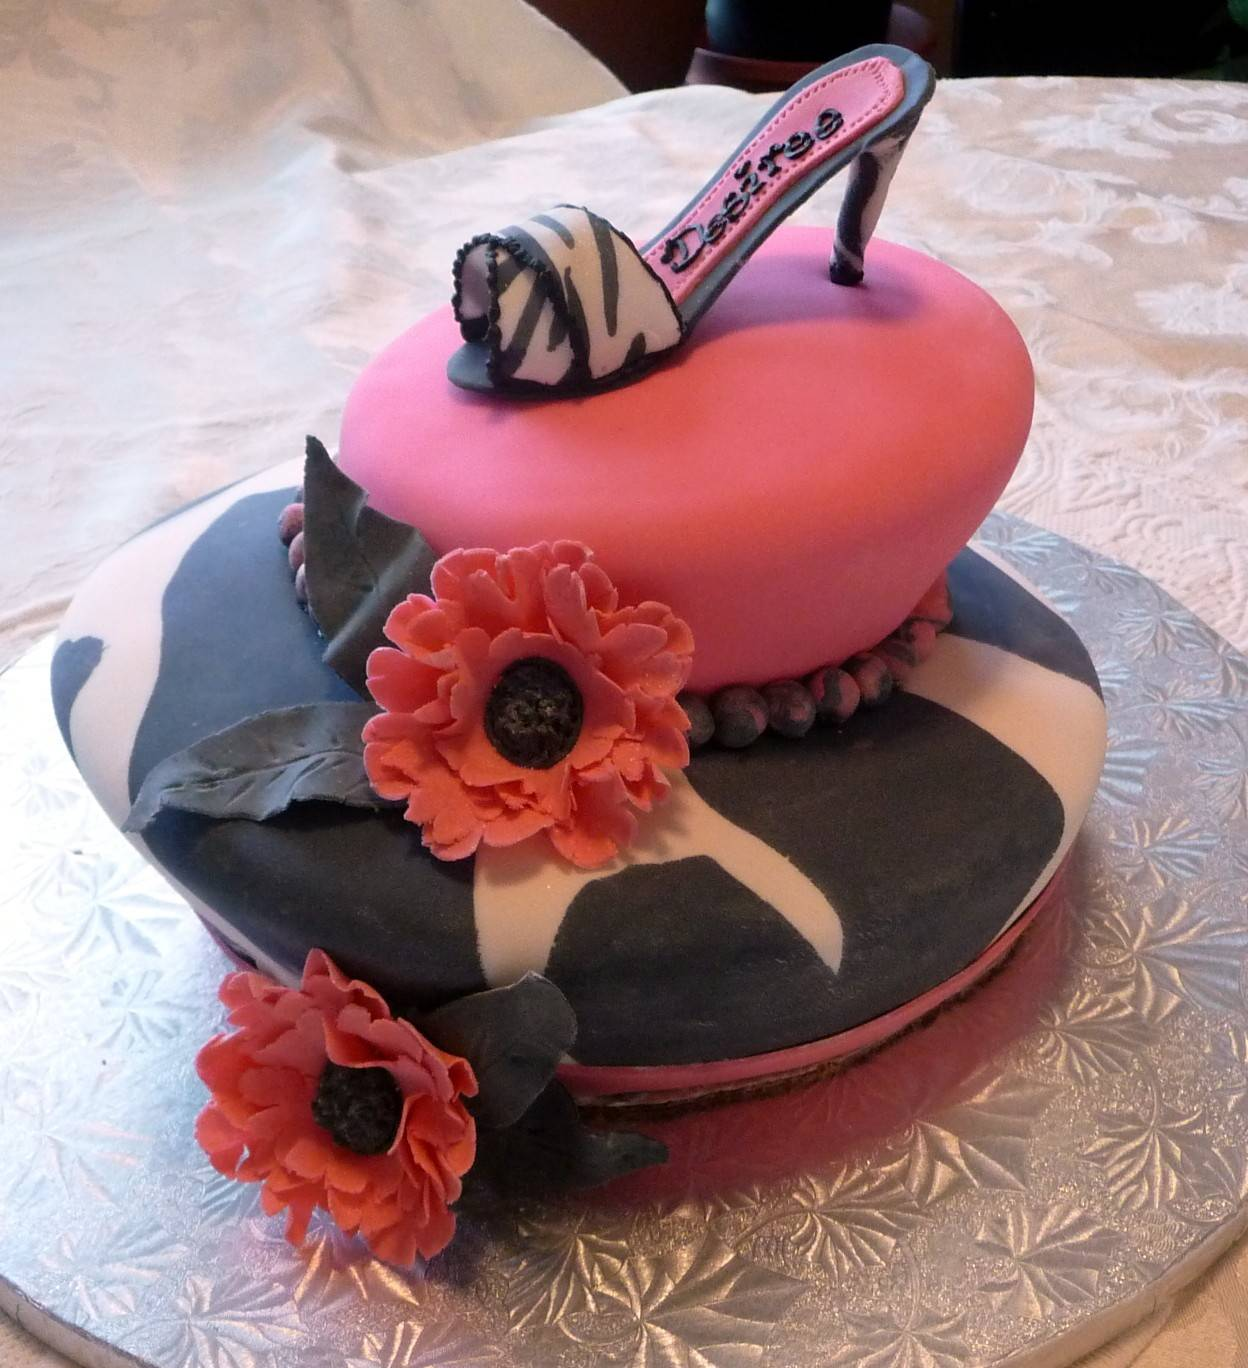 Desiree's Shoe Cake